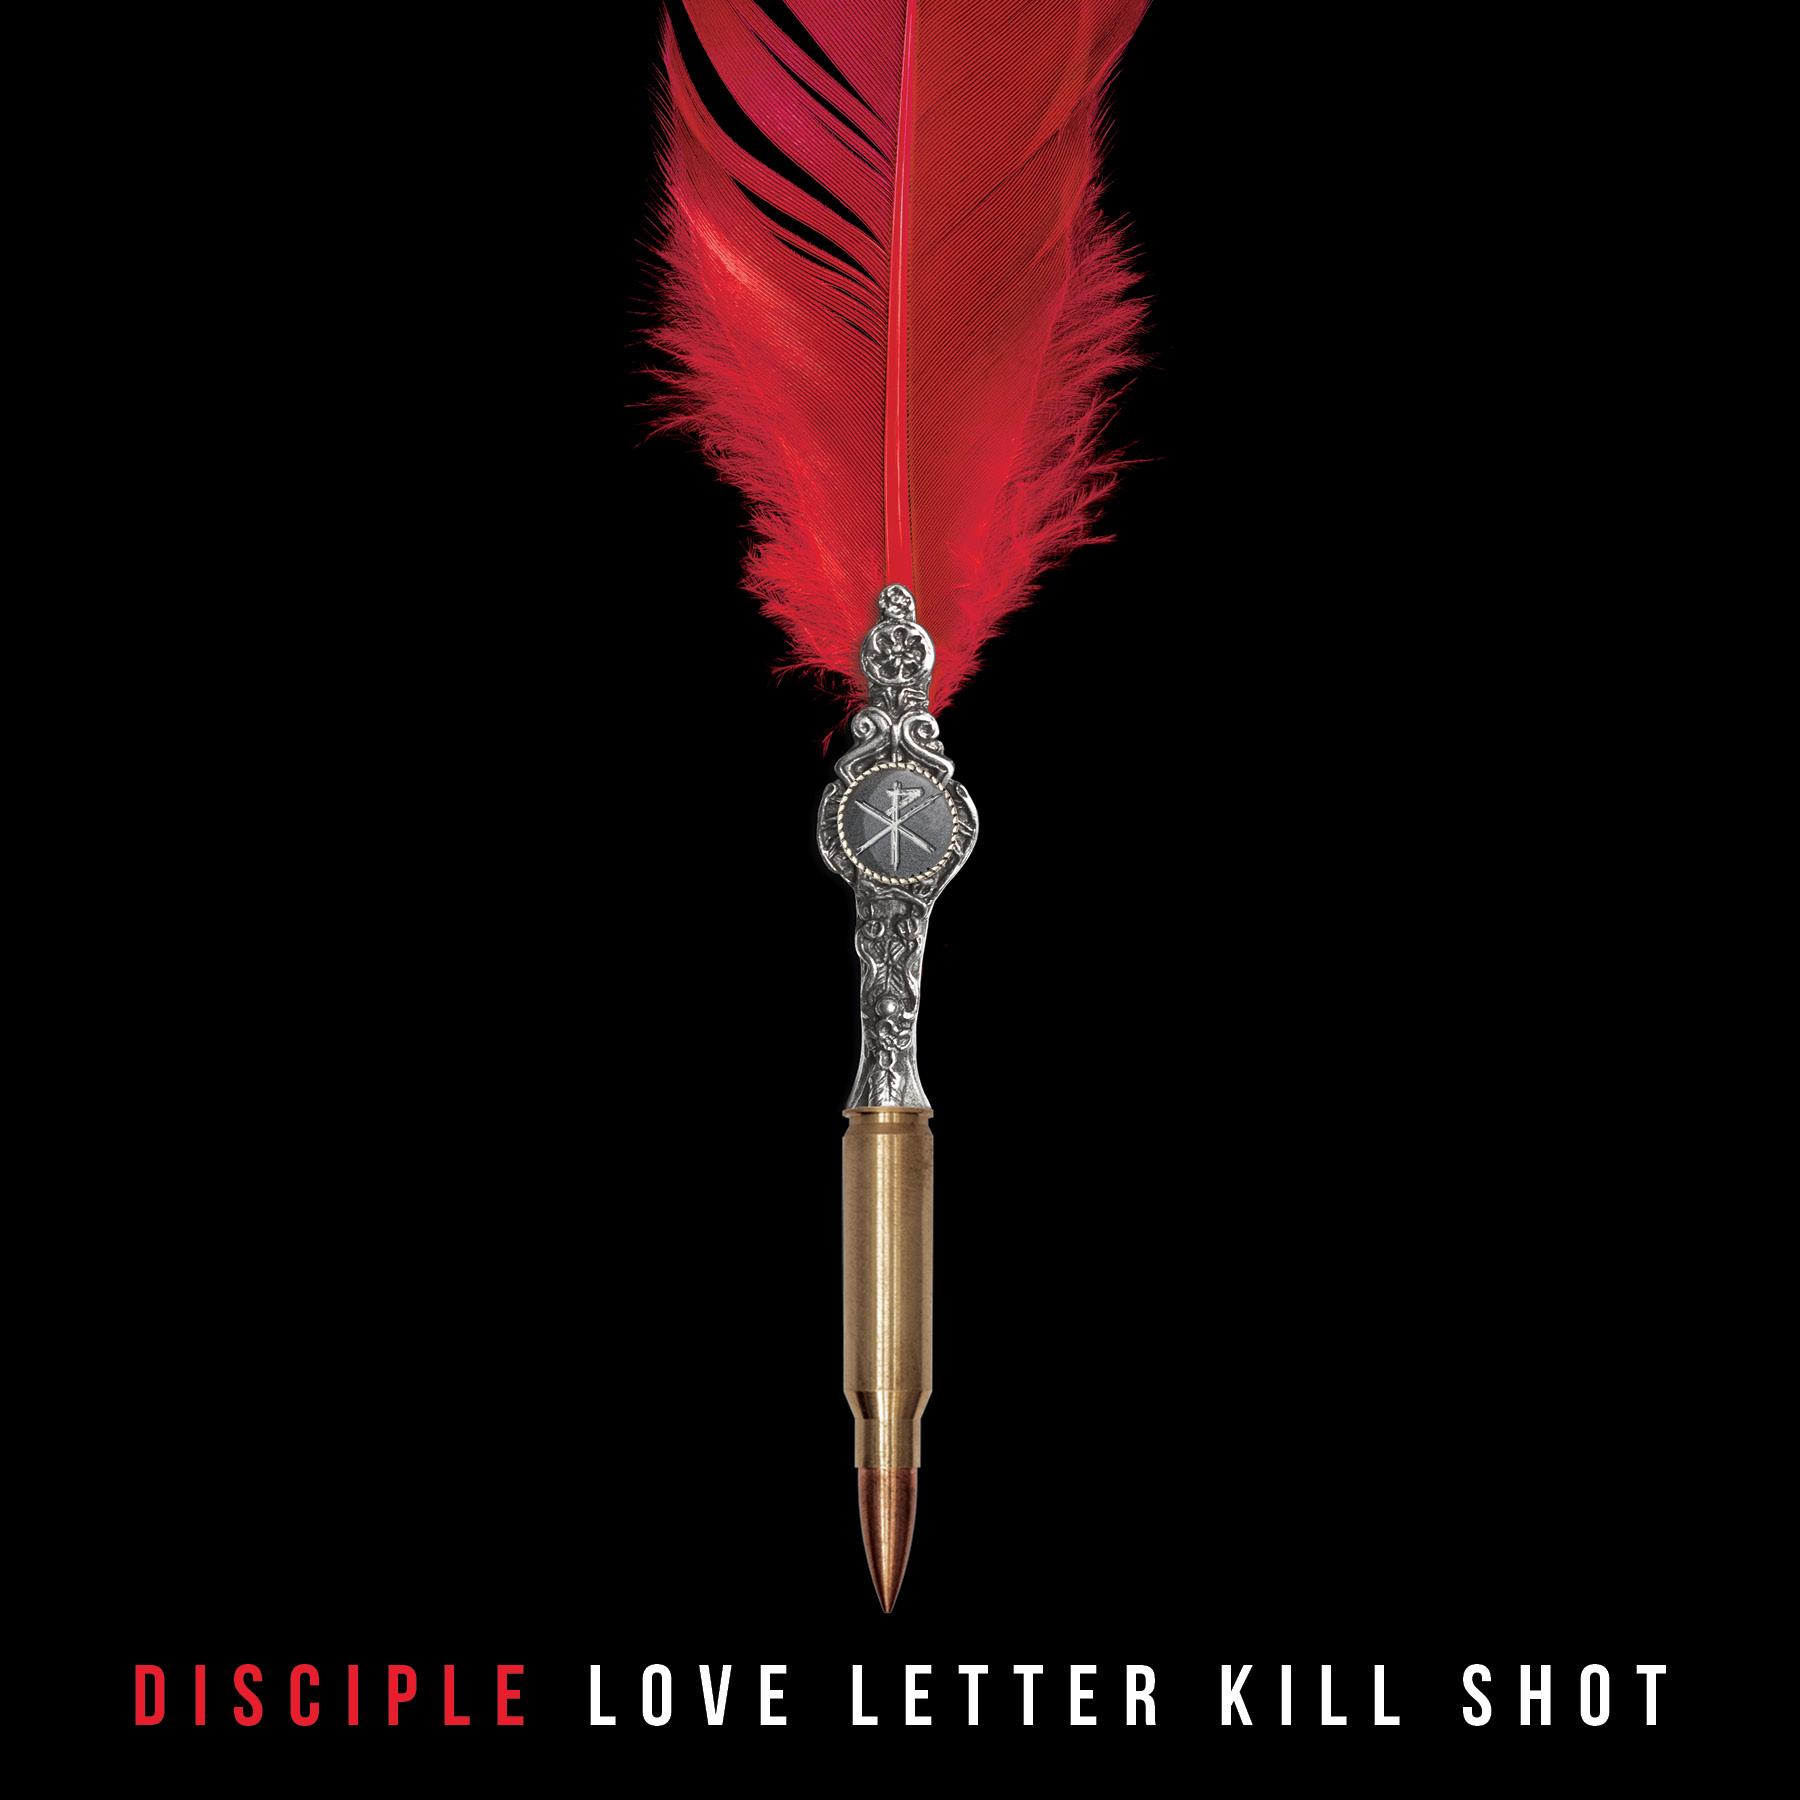 LOVE LETTER KILL SHOT - Disciple